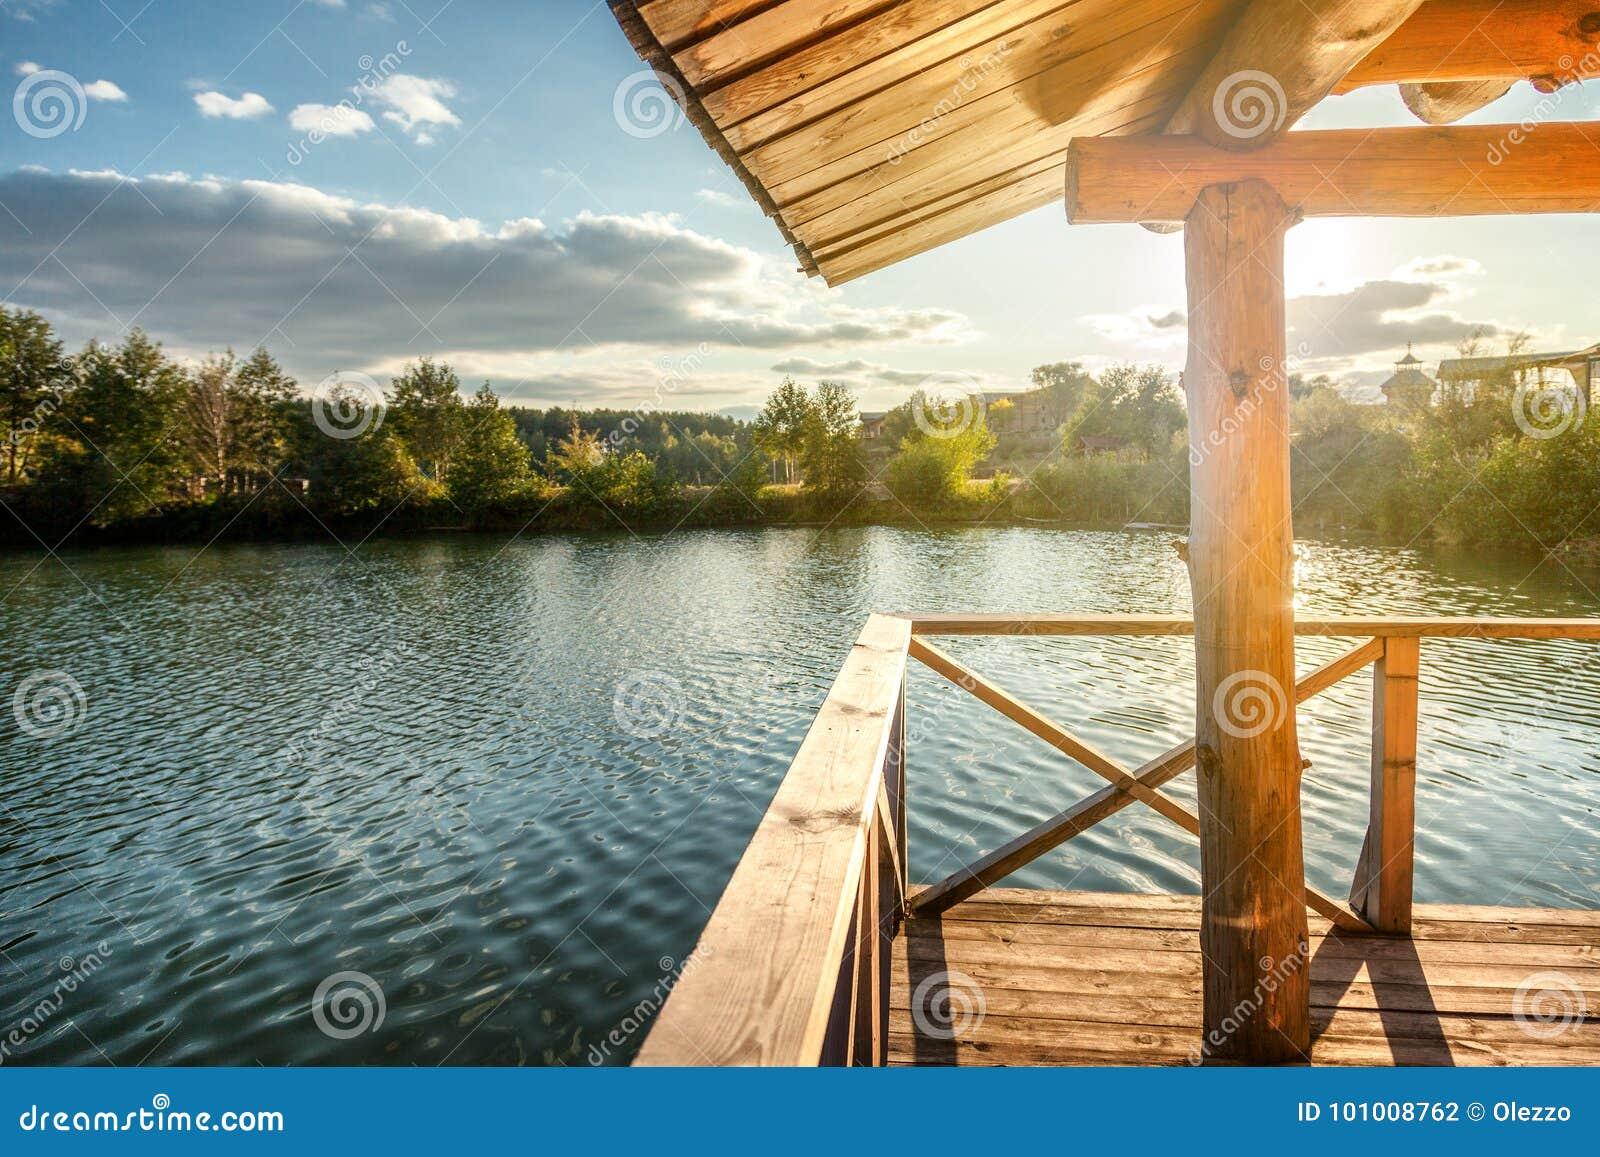 Casa De Madera Con Una Terraza En El Agua En El Lago En La